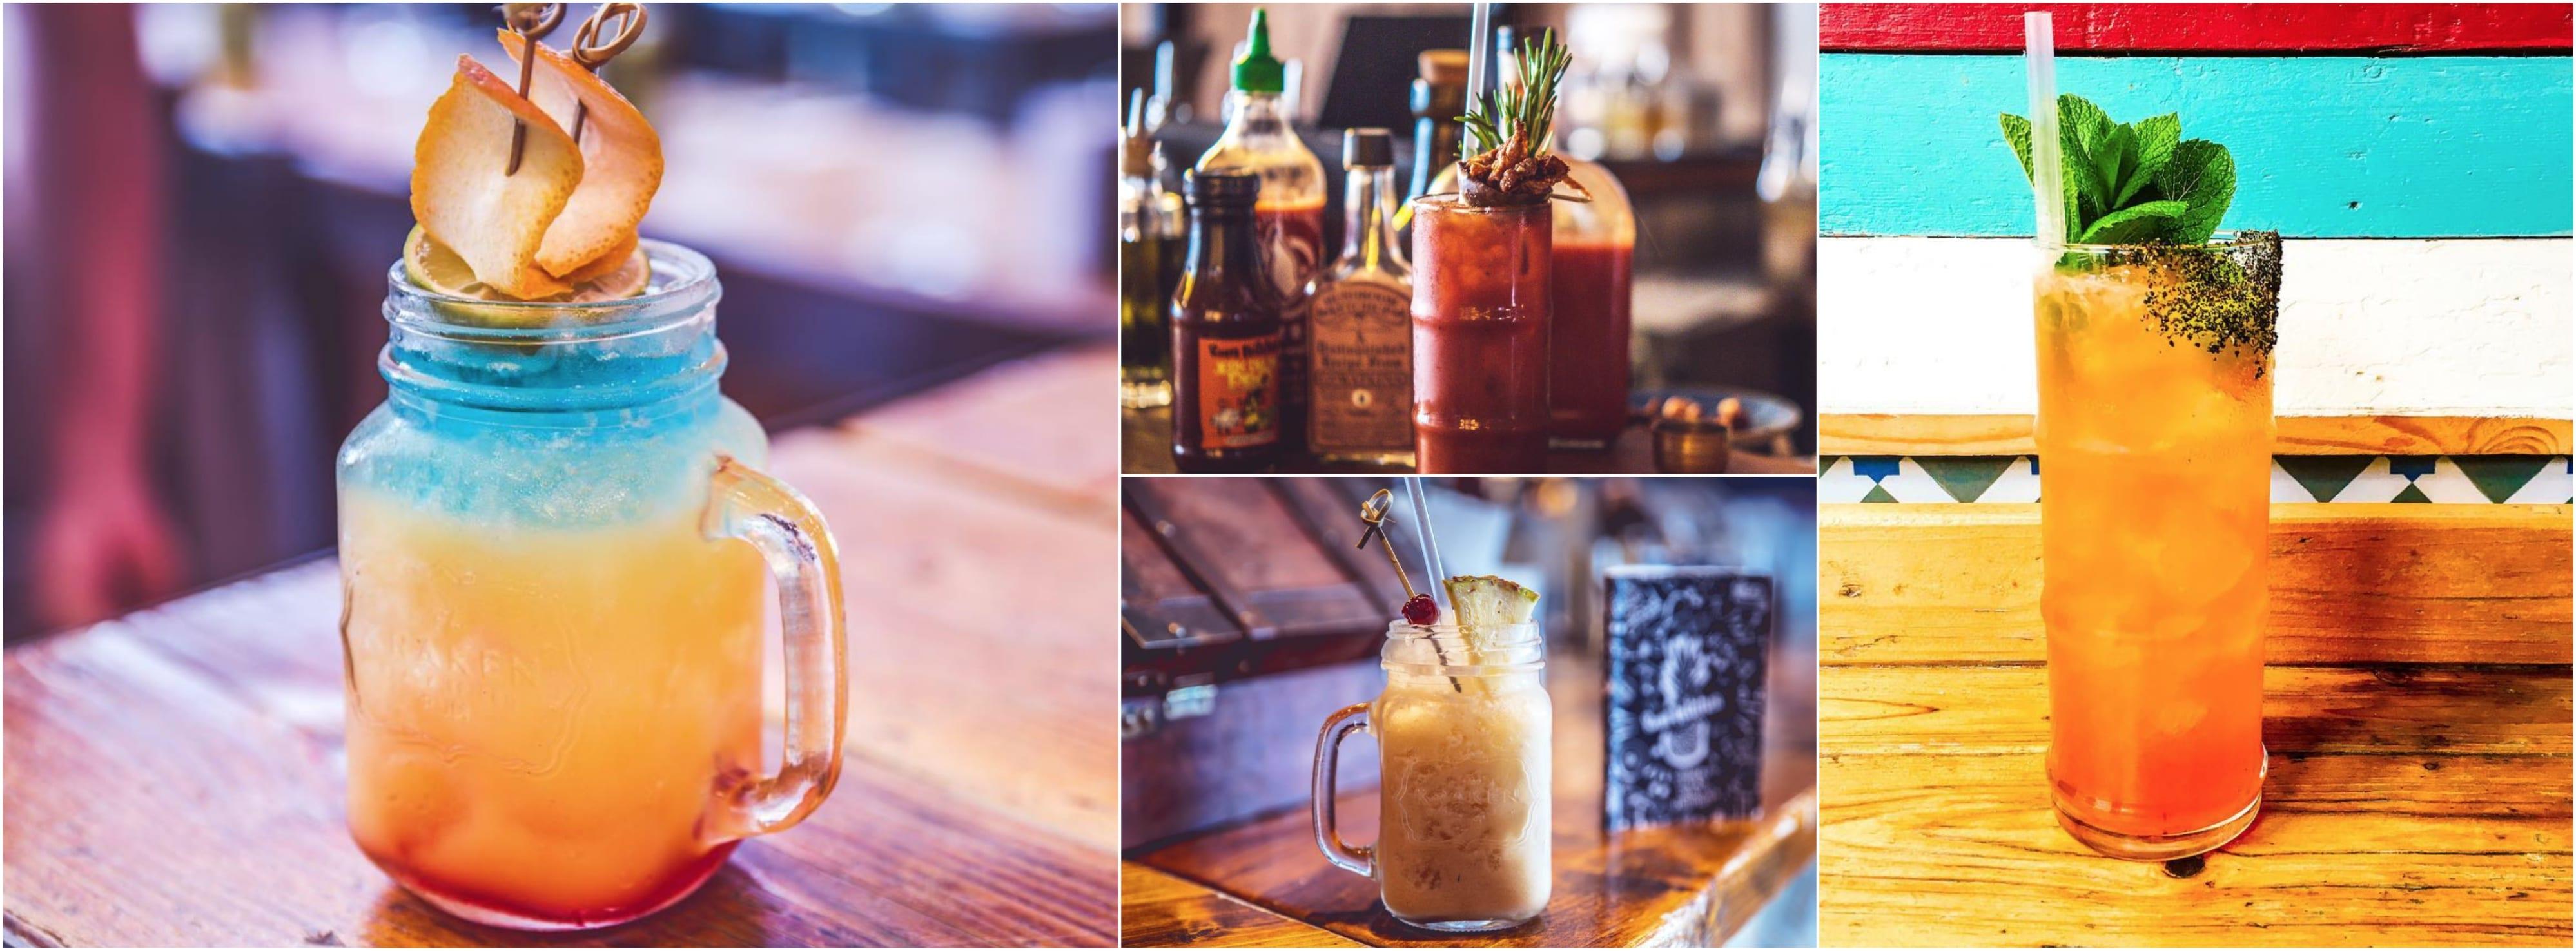 Cocktail Fotos vom The Rum Kitchen Instagram Account